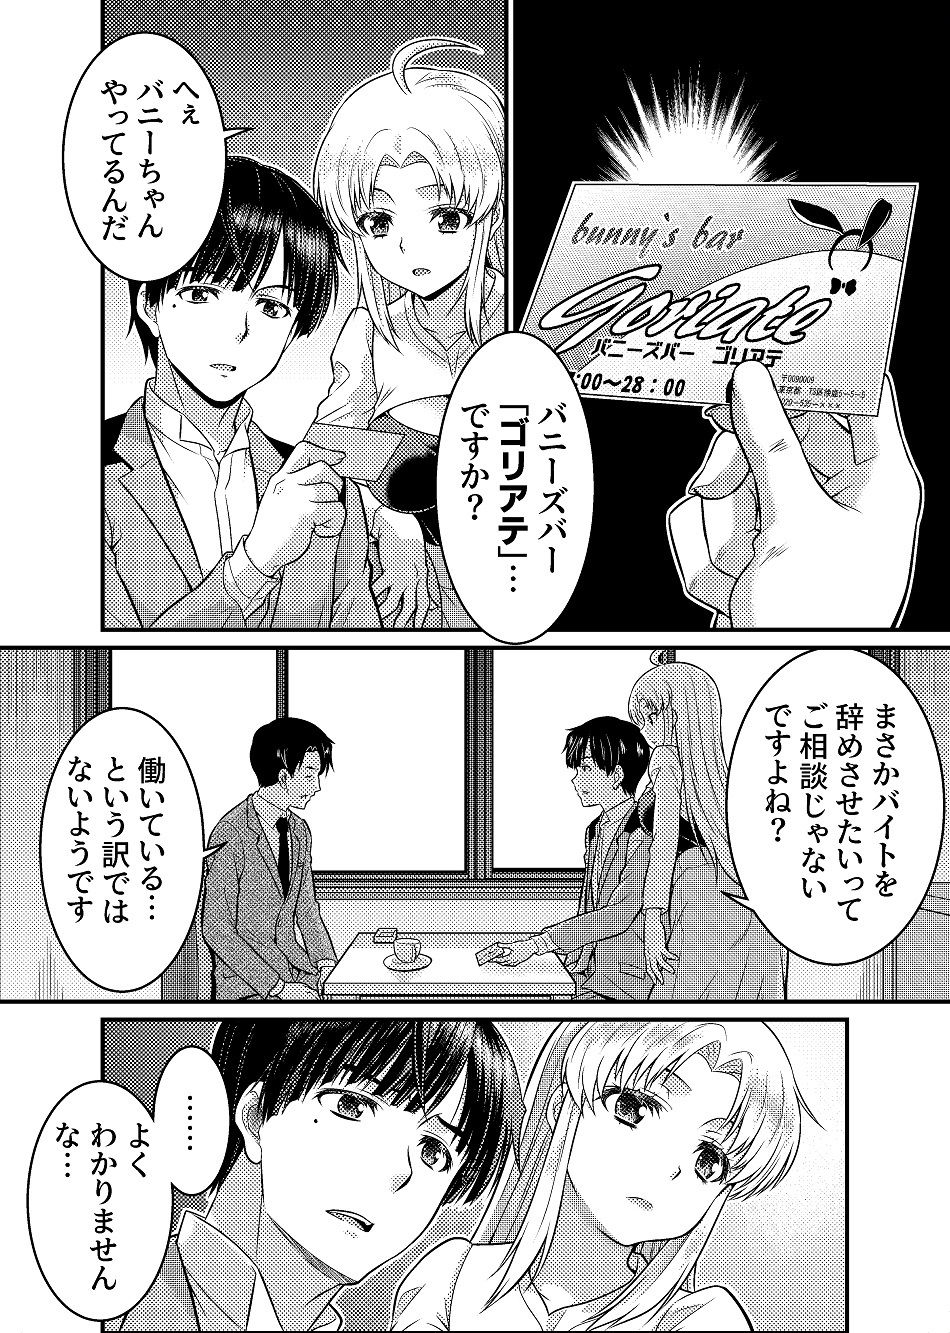 TS探偵新妻浩美 大学生失踪事件を追え!戦慄のバニーガール4